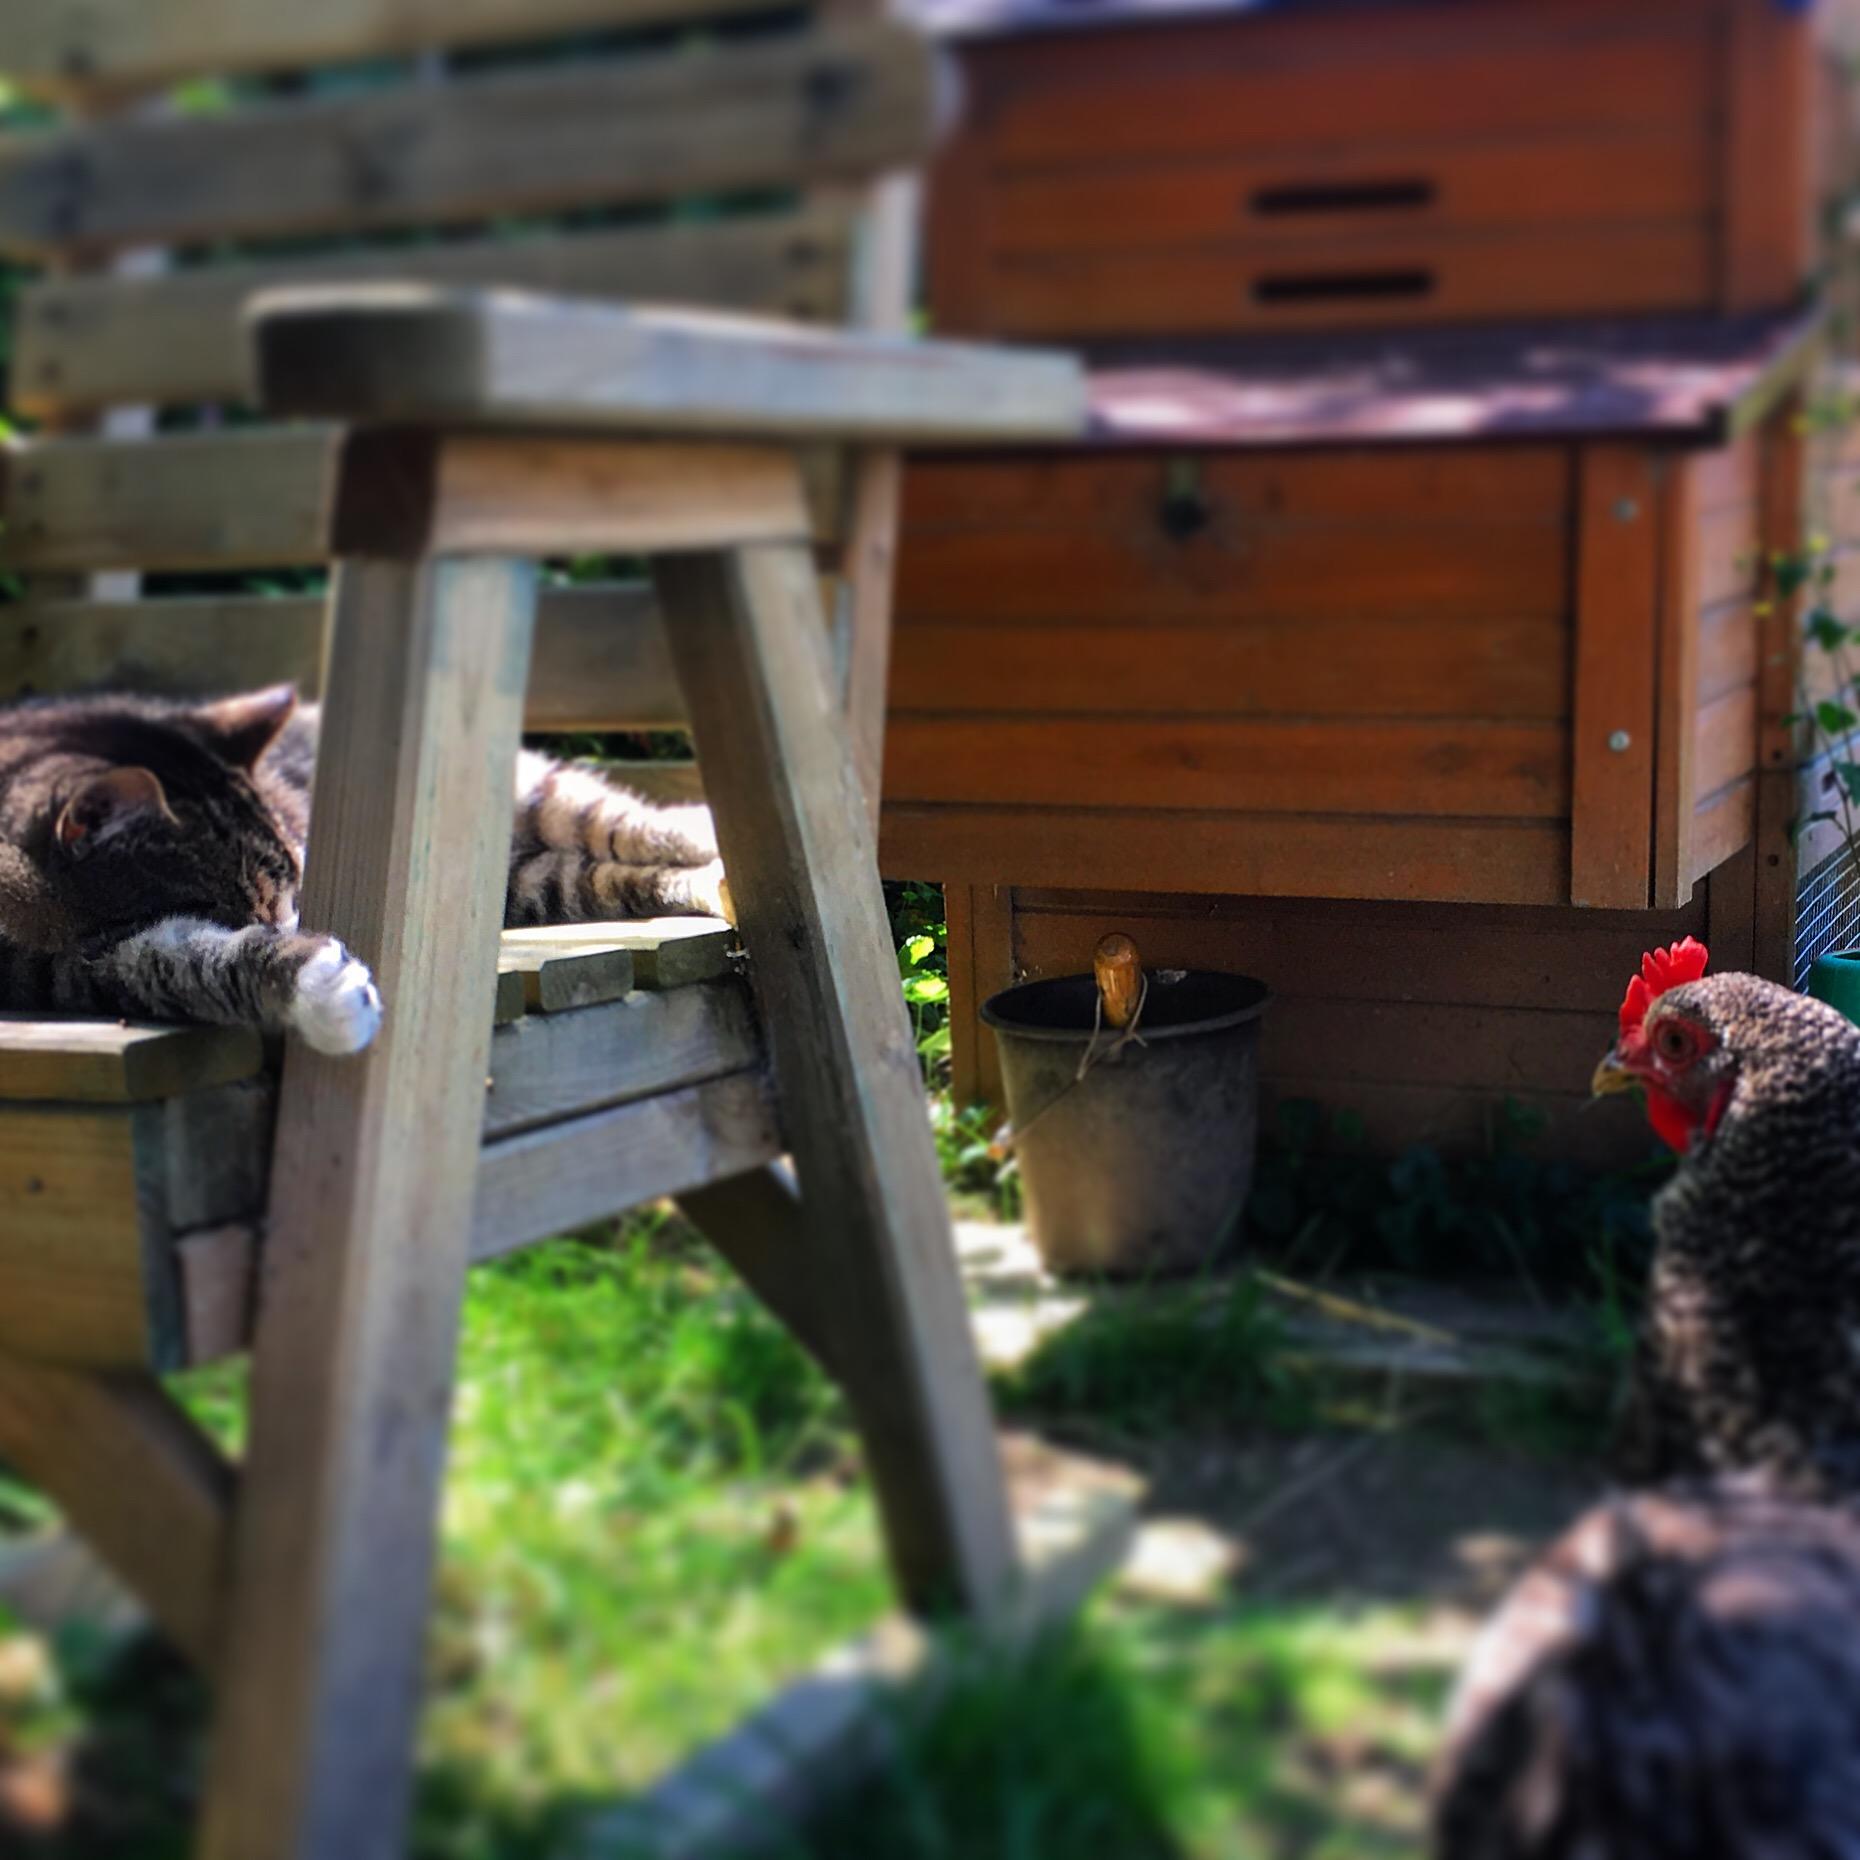 Louise keeping an eye on Ounce